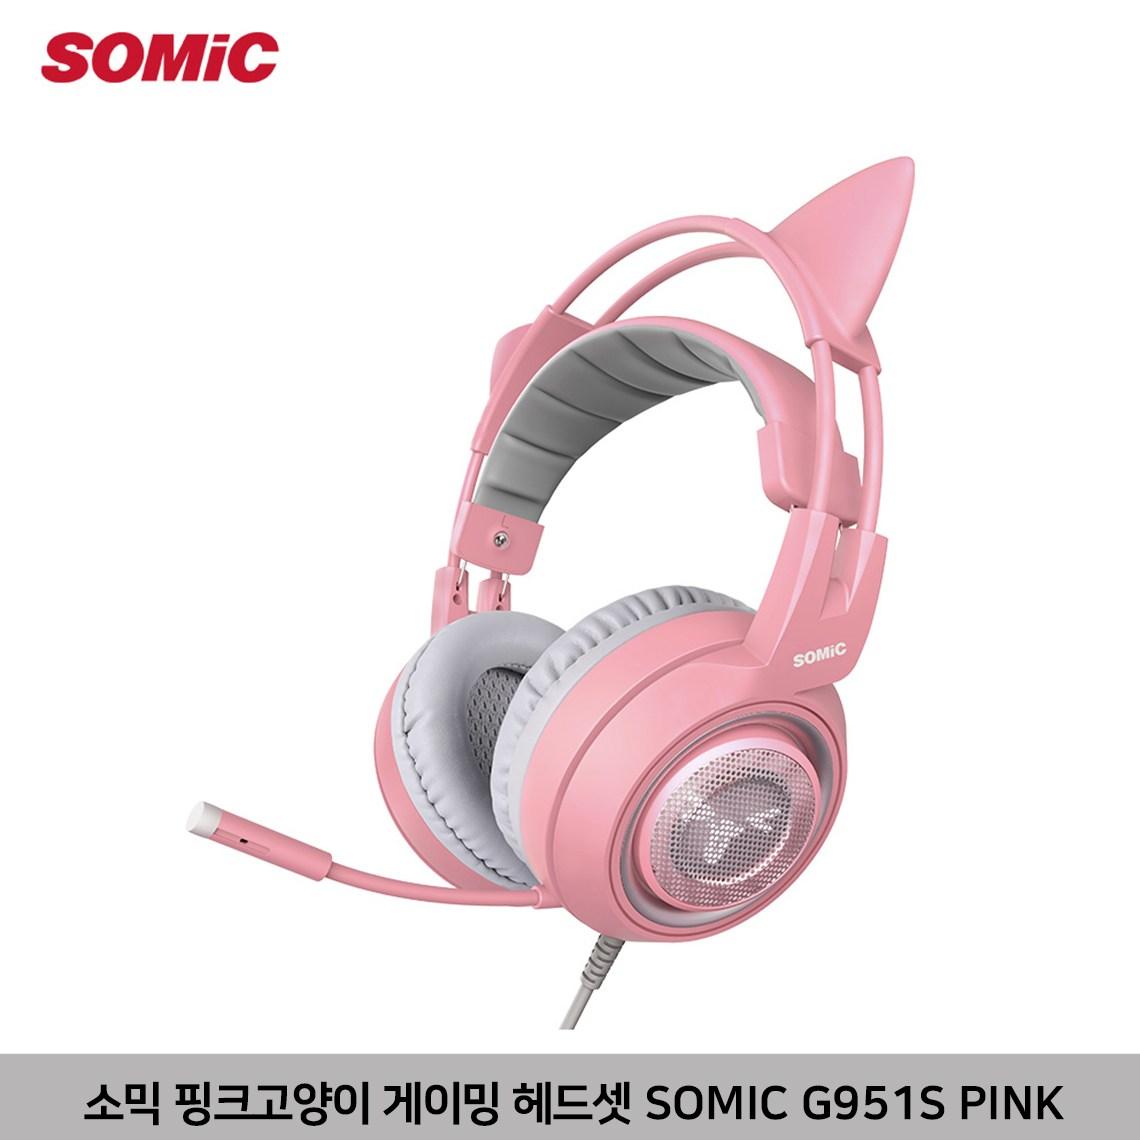 소믹 SOMIC G951S 핑크고양이 스마트폰(4극) 게이밍 헤드셋Gaming Headset, G951S Pink